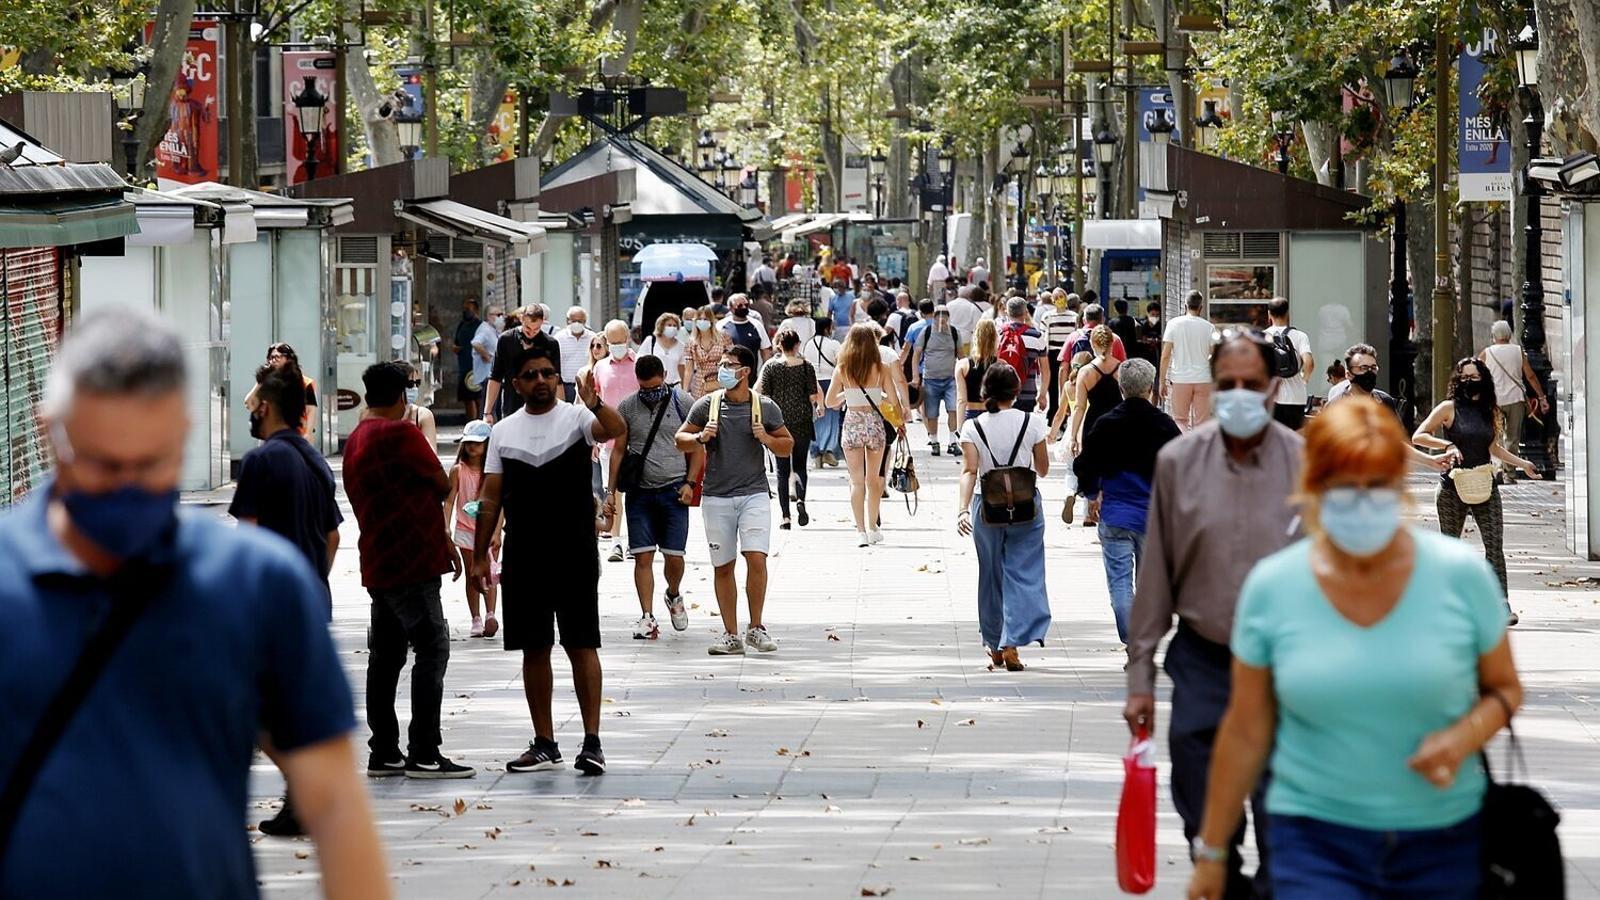 Diverses persones passejant aquest dijous per la Rambla de Barcelona.